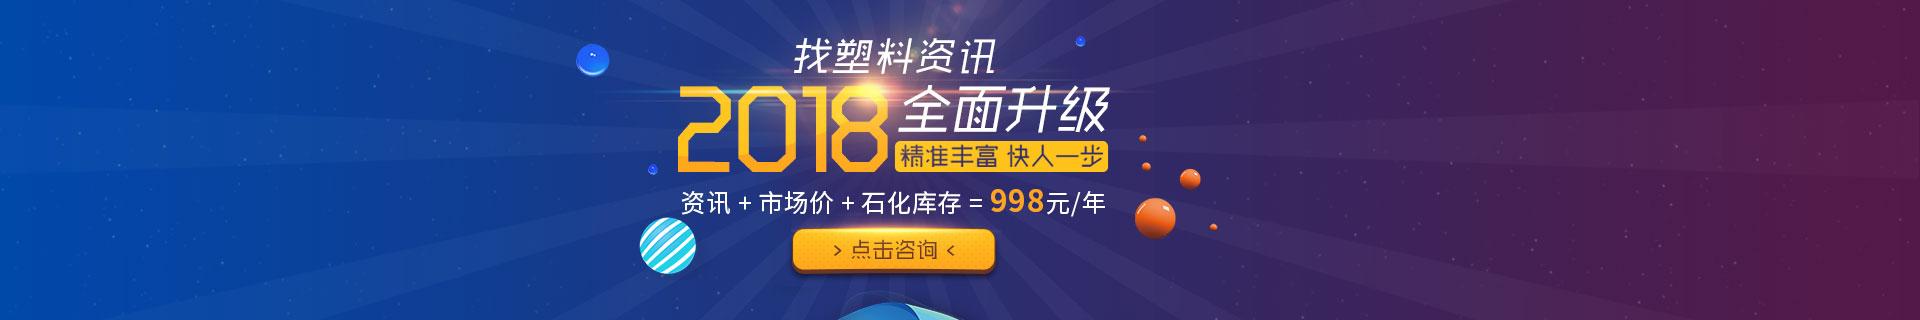 找lehu6.vip乐虎国际资讯2018全面升级  精准丰富 快人一步